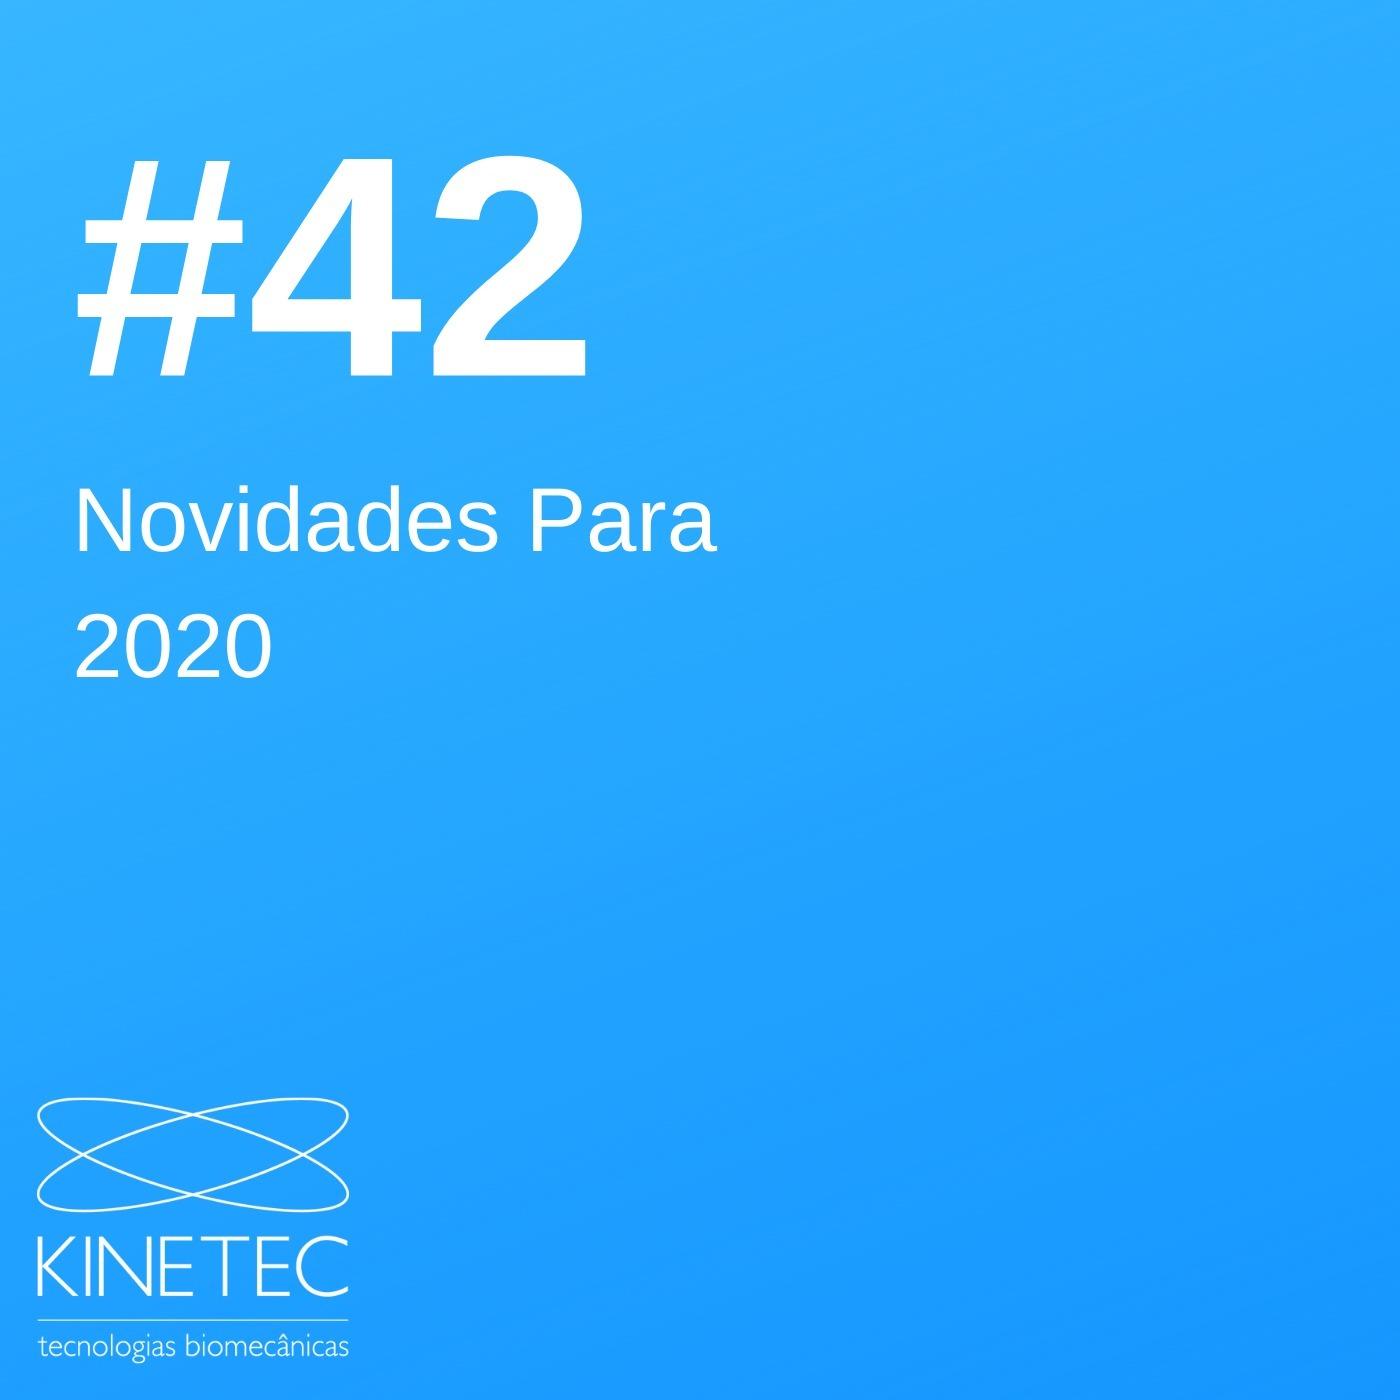 #042 Novidades 2020!